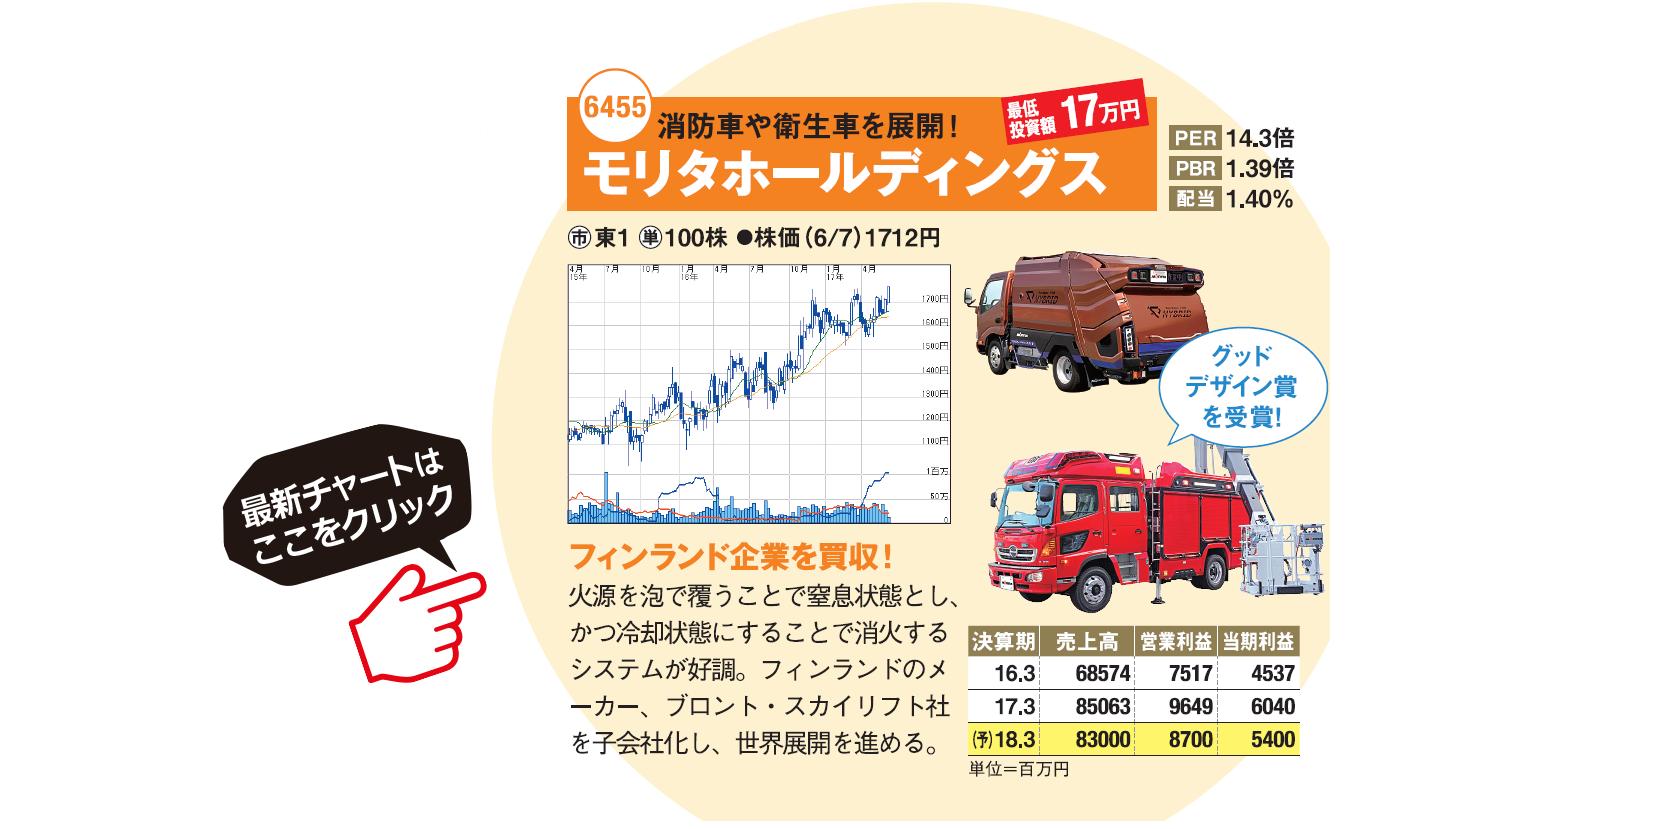 ホールディングス 株価 モリタ